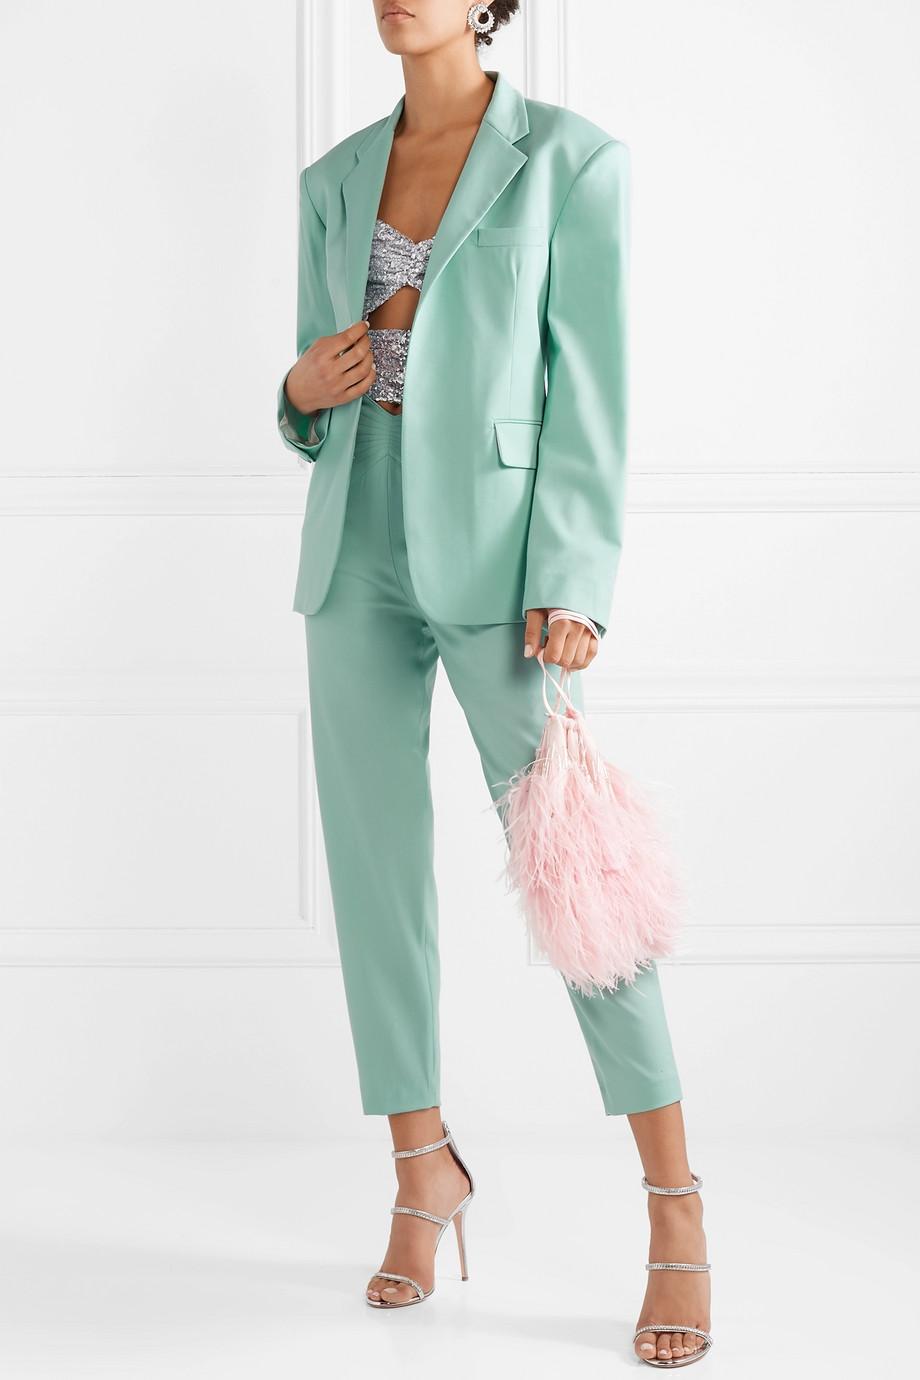 The Attico Wool-blend gabardine blazer